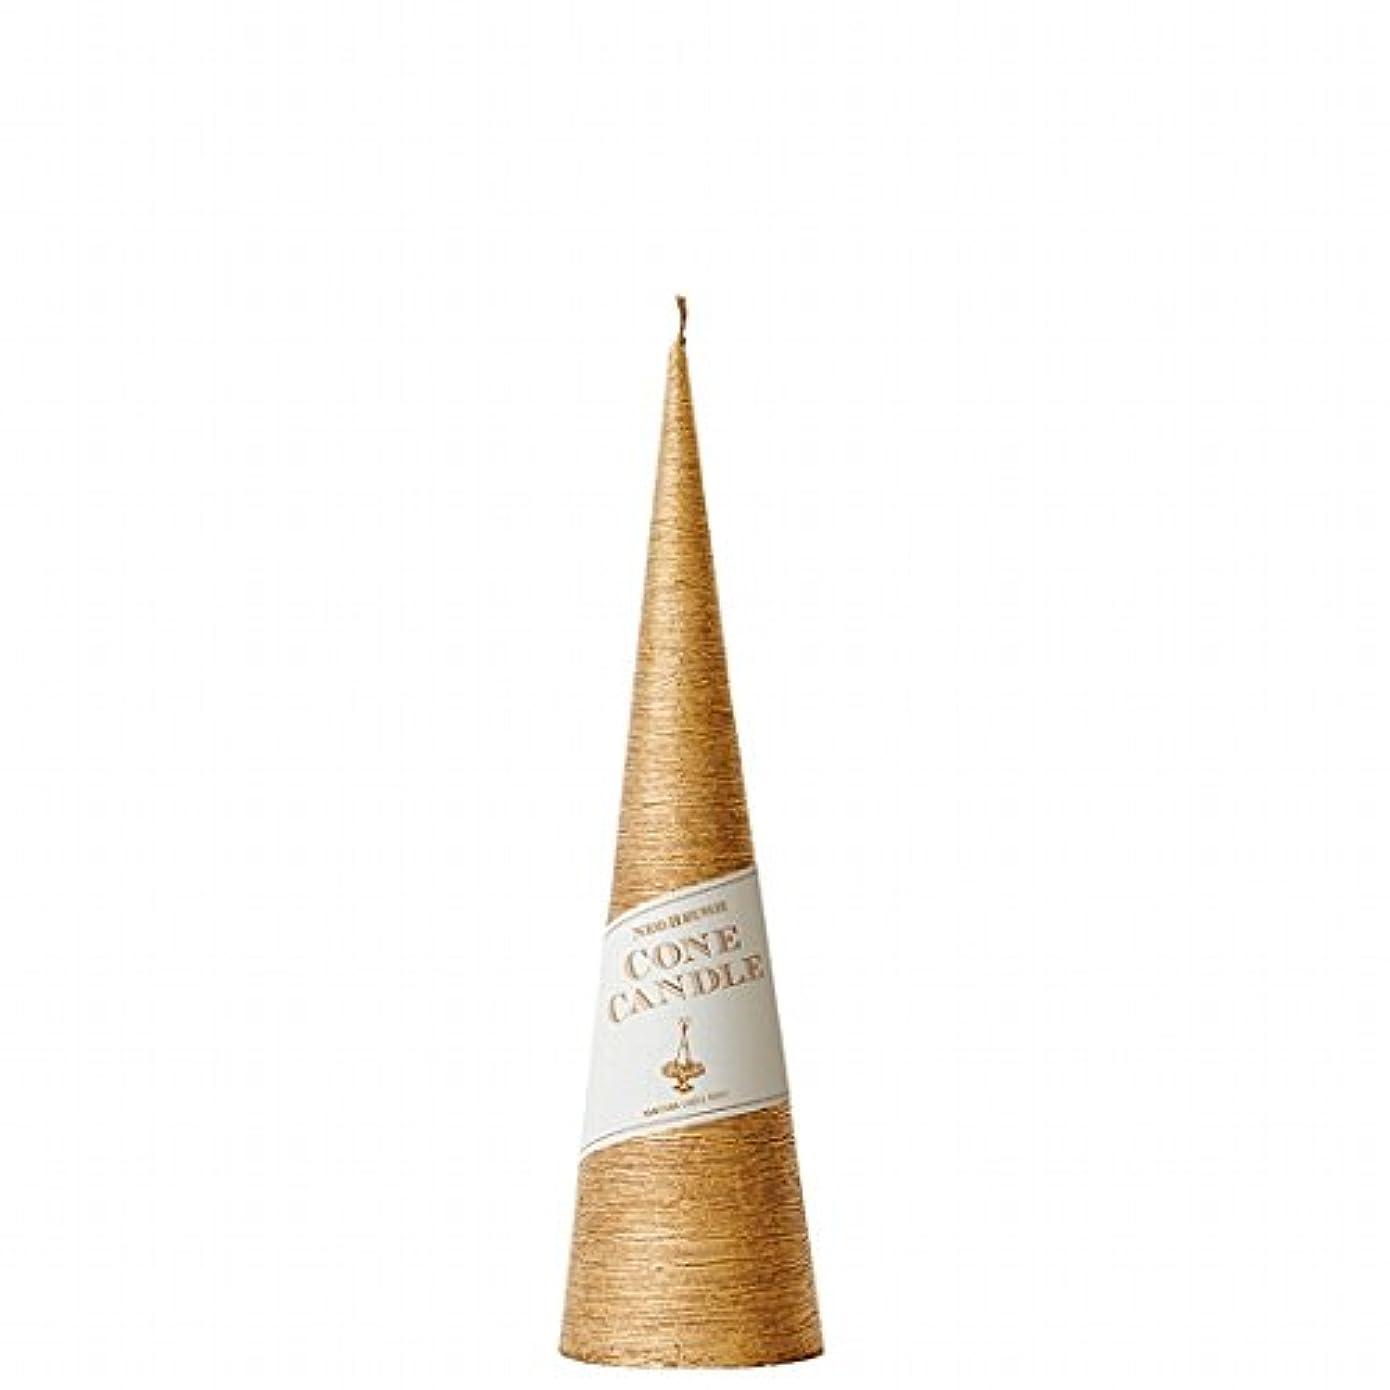 円形経験恨みkameyama candle(カメヤマキャンドル) ネオブラッシュコーン 230 キャンドル 「 ゴールド 」 6個セット(A9750120GO)